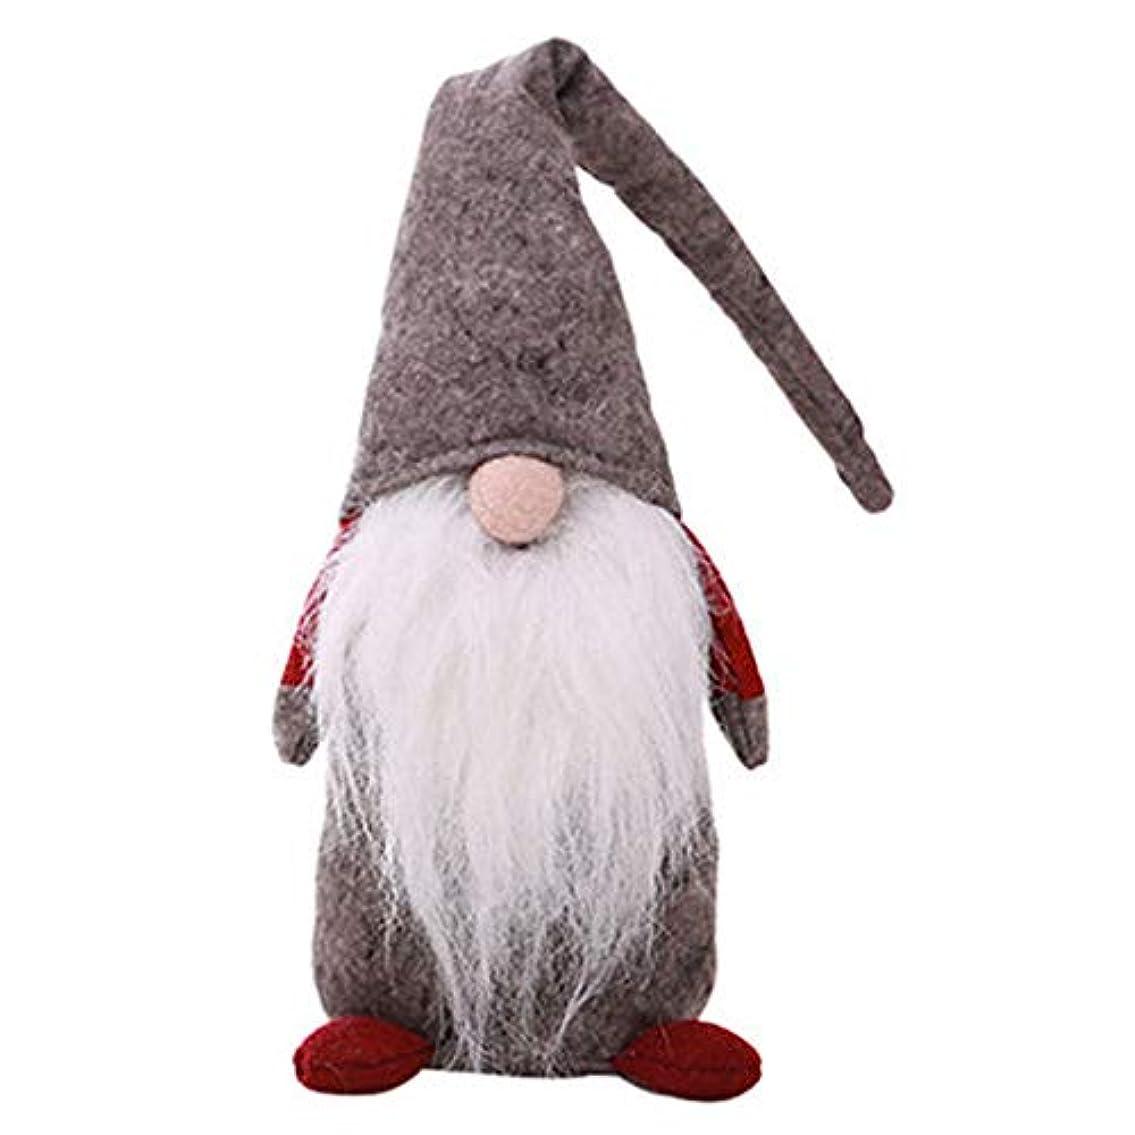 ウナギ武器延期するSix-Bullotime クリスマス ぬいぐるみ 北欧の妖精トムテ クリスマス サンタクロース ハンドメイド クリスマス飾り置物 クリスマスツリー ツリー 装飾 サンタクロースペンダント人形 室内 インテリア おもちゃ 飾り グレー